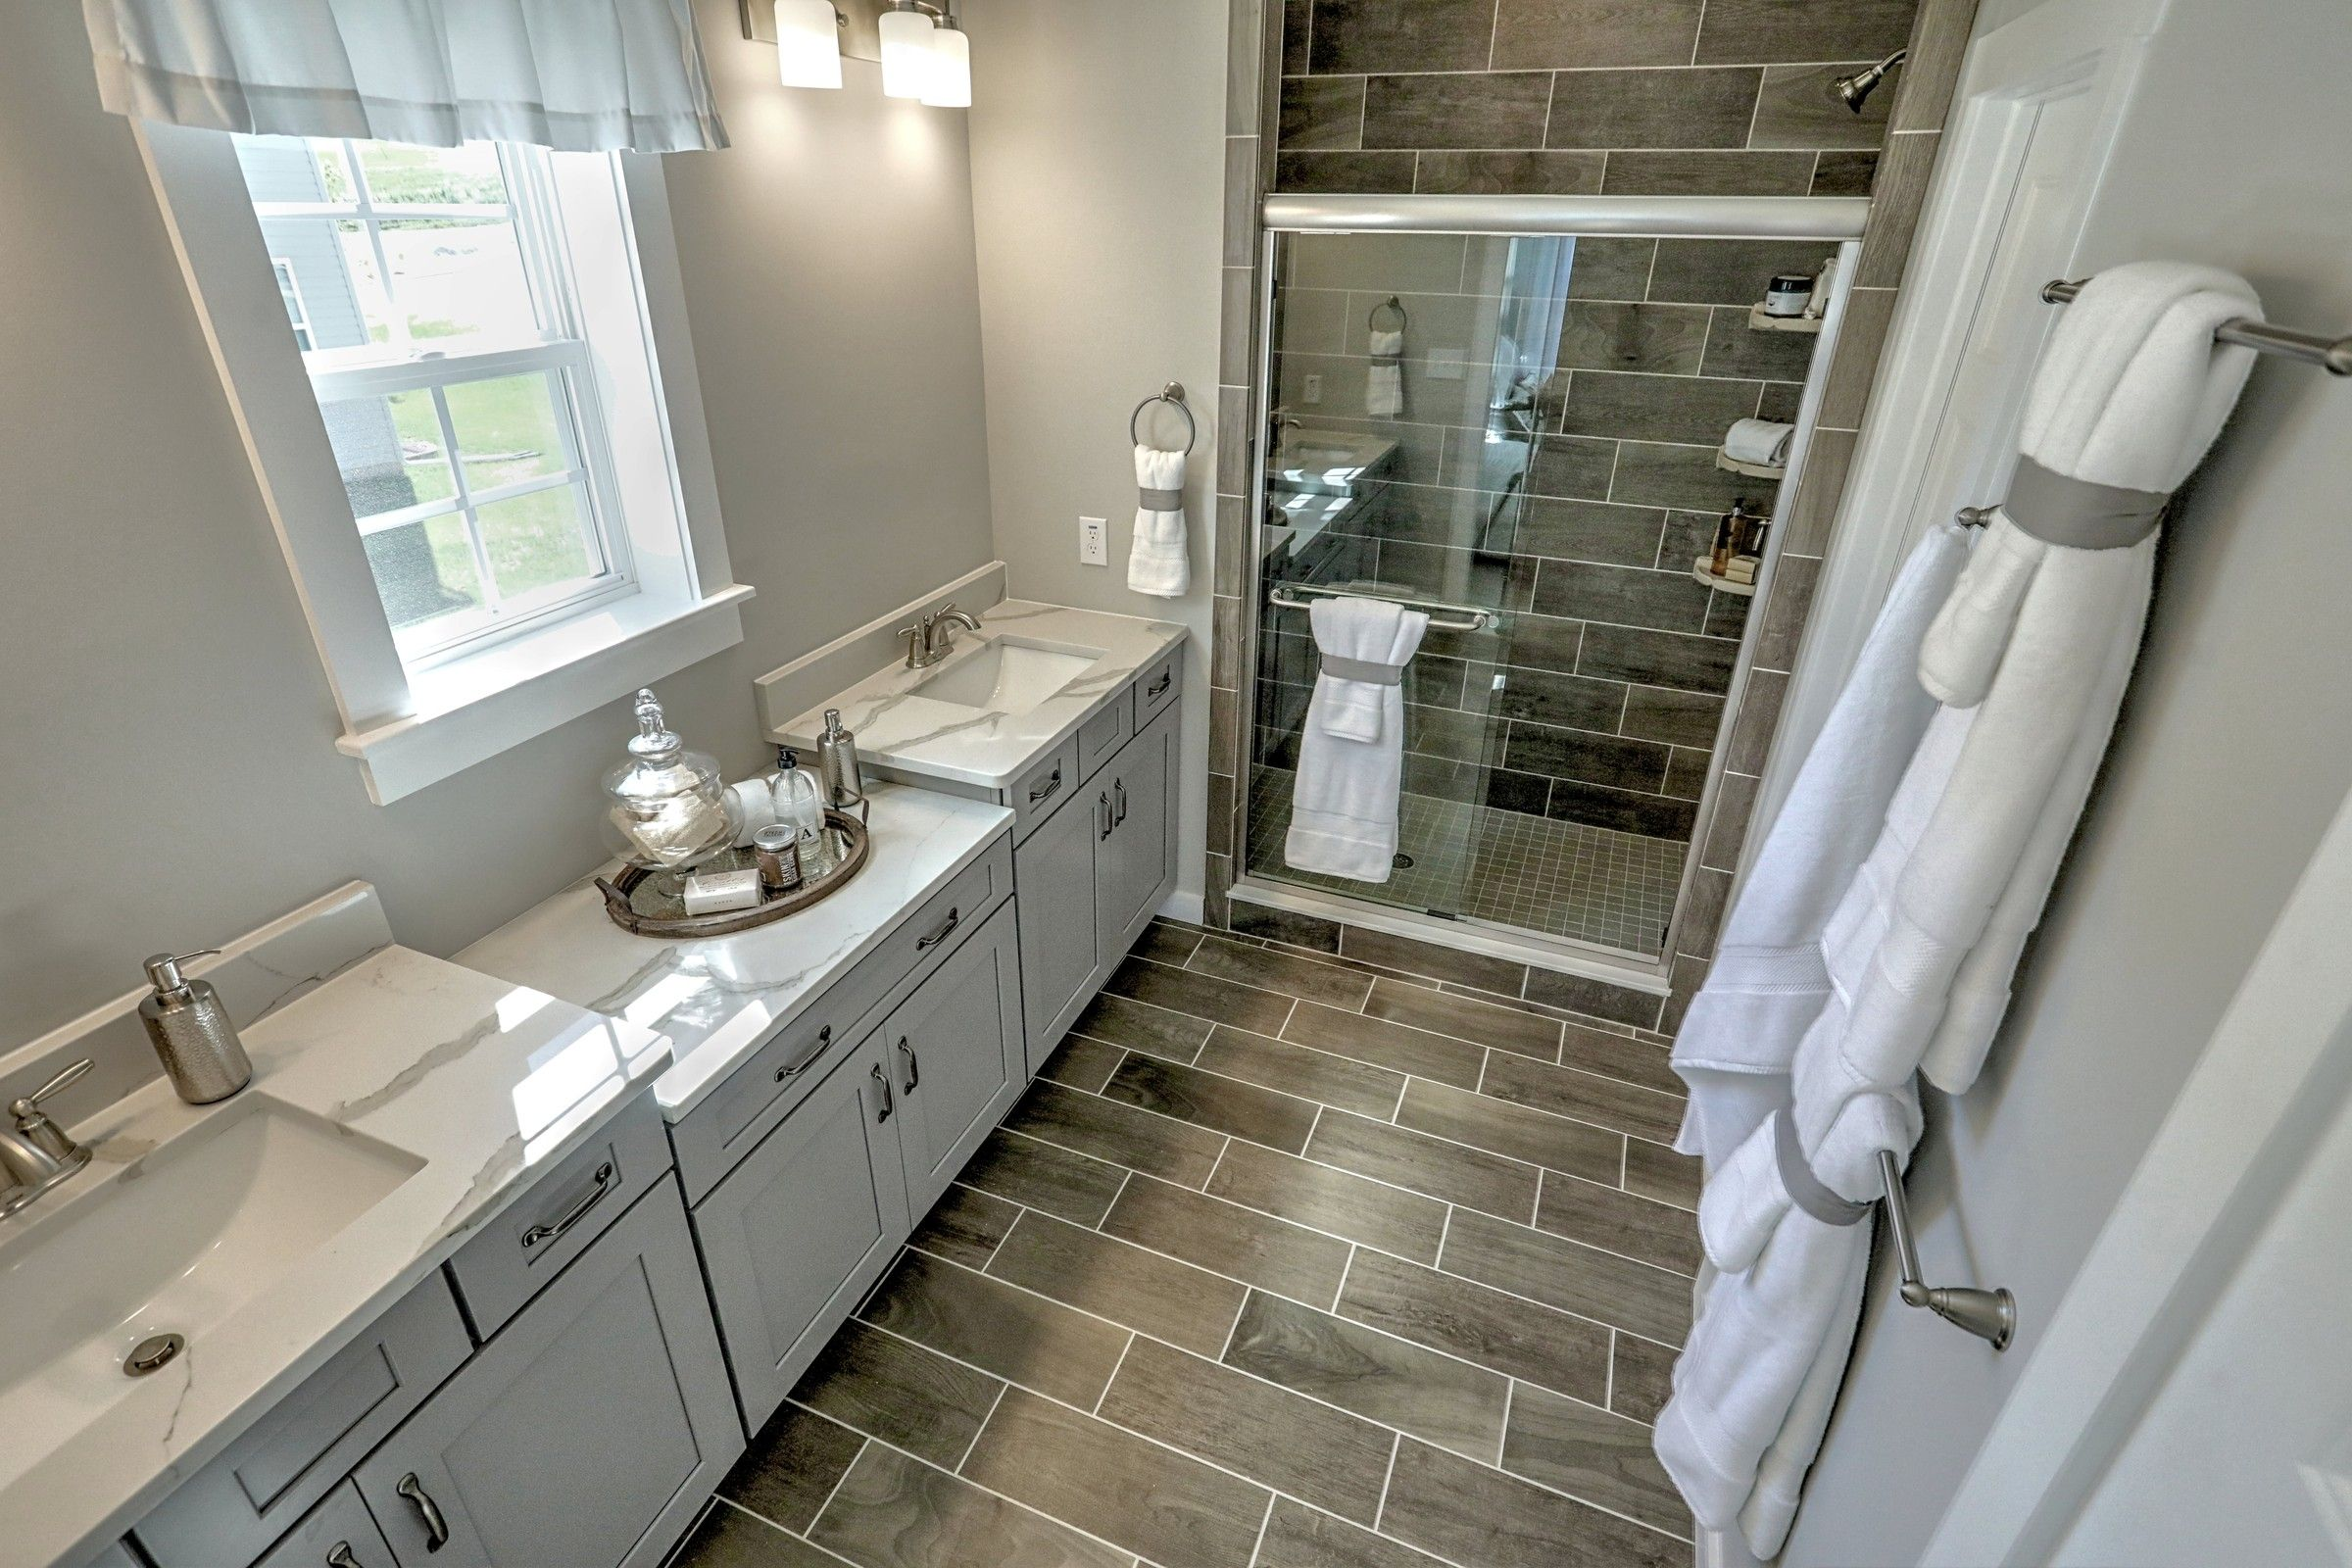 Bathroom featured in the Andrews Vintage By Keystone Custom Homes in Philadelphia, PA